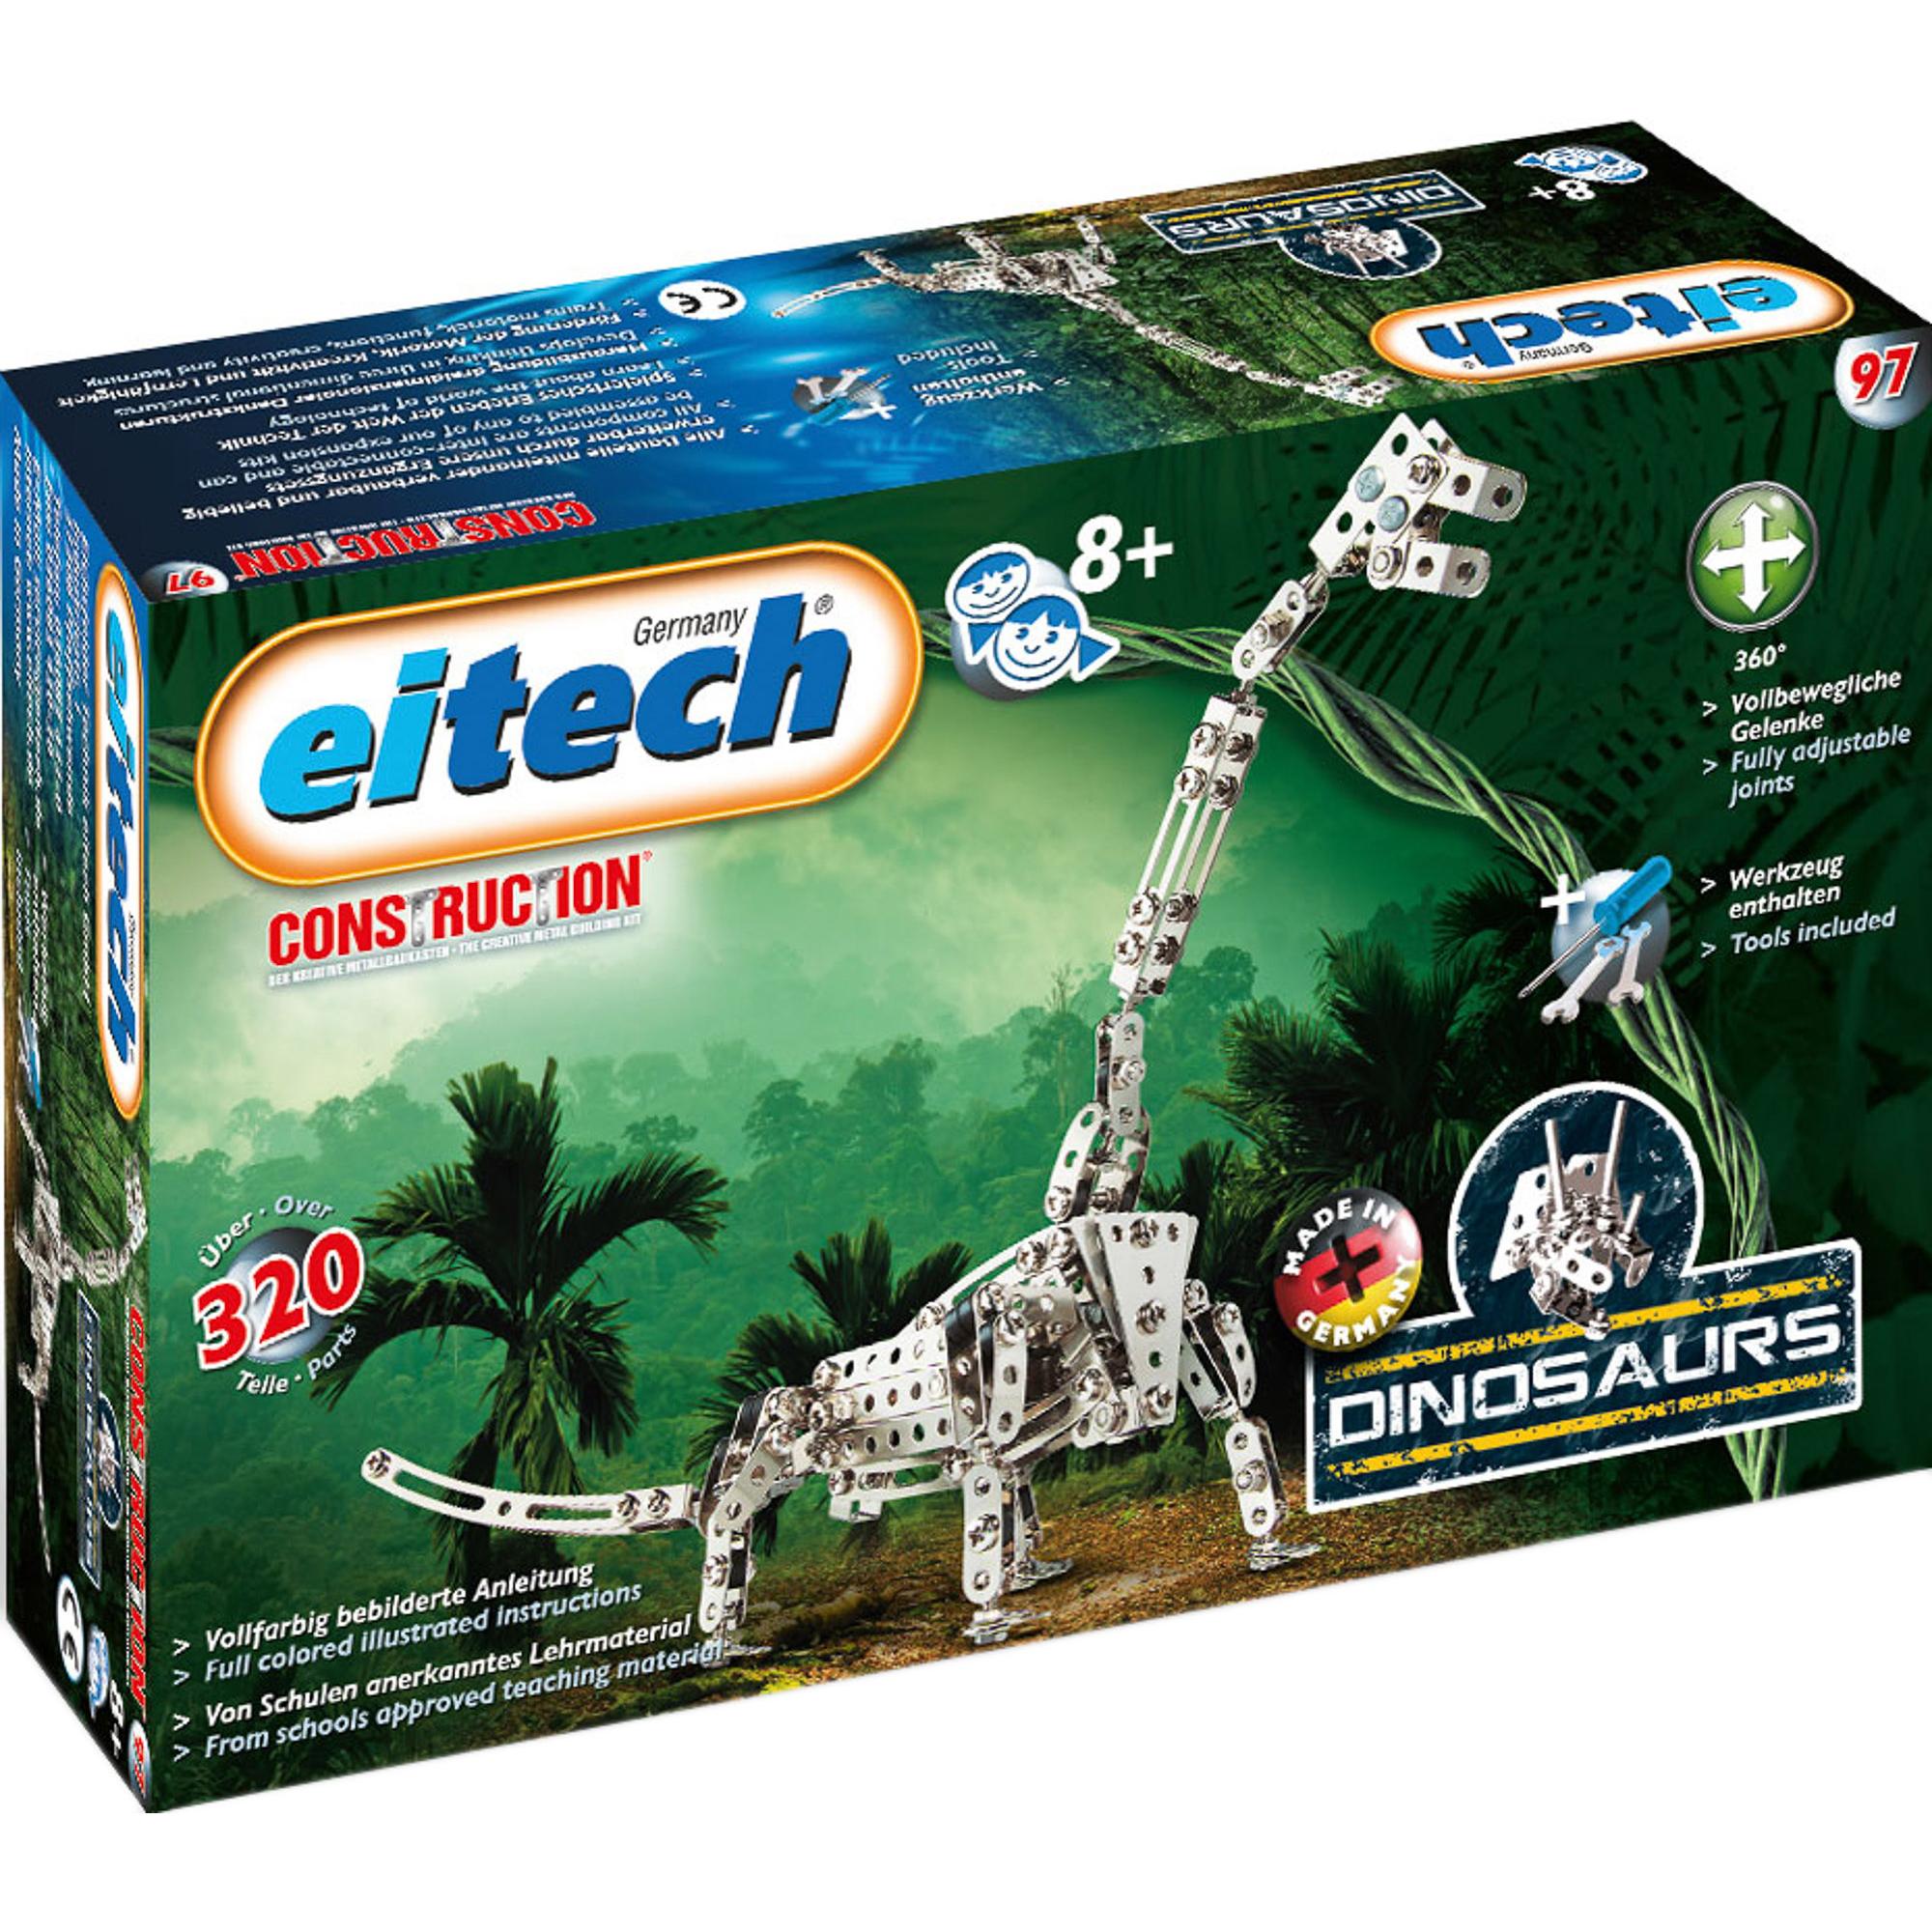 Купить Конструктор Eitech Динозавр Брахиозавр, Германия, металл, универсальный, Конструкторы, пазлы